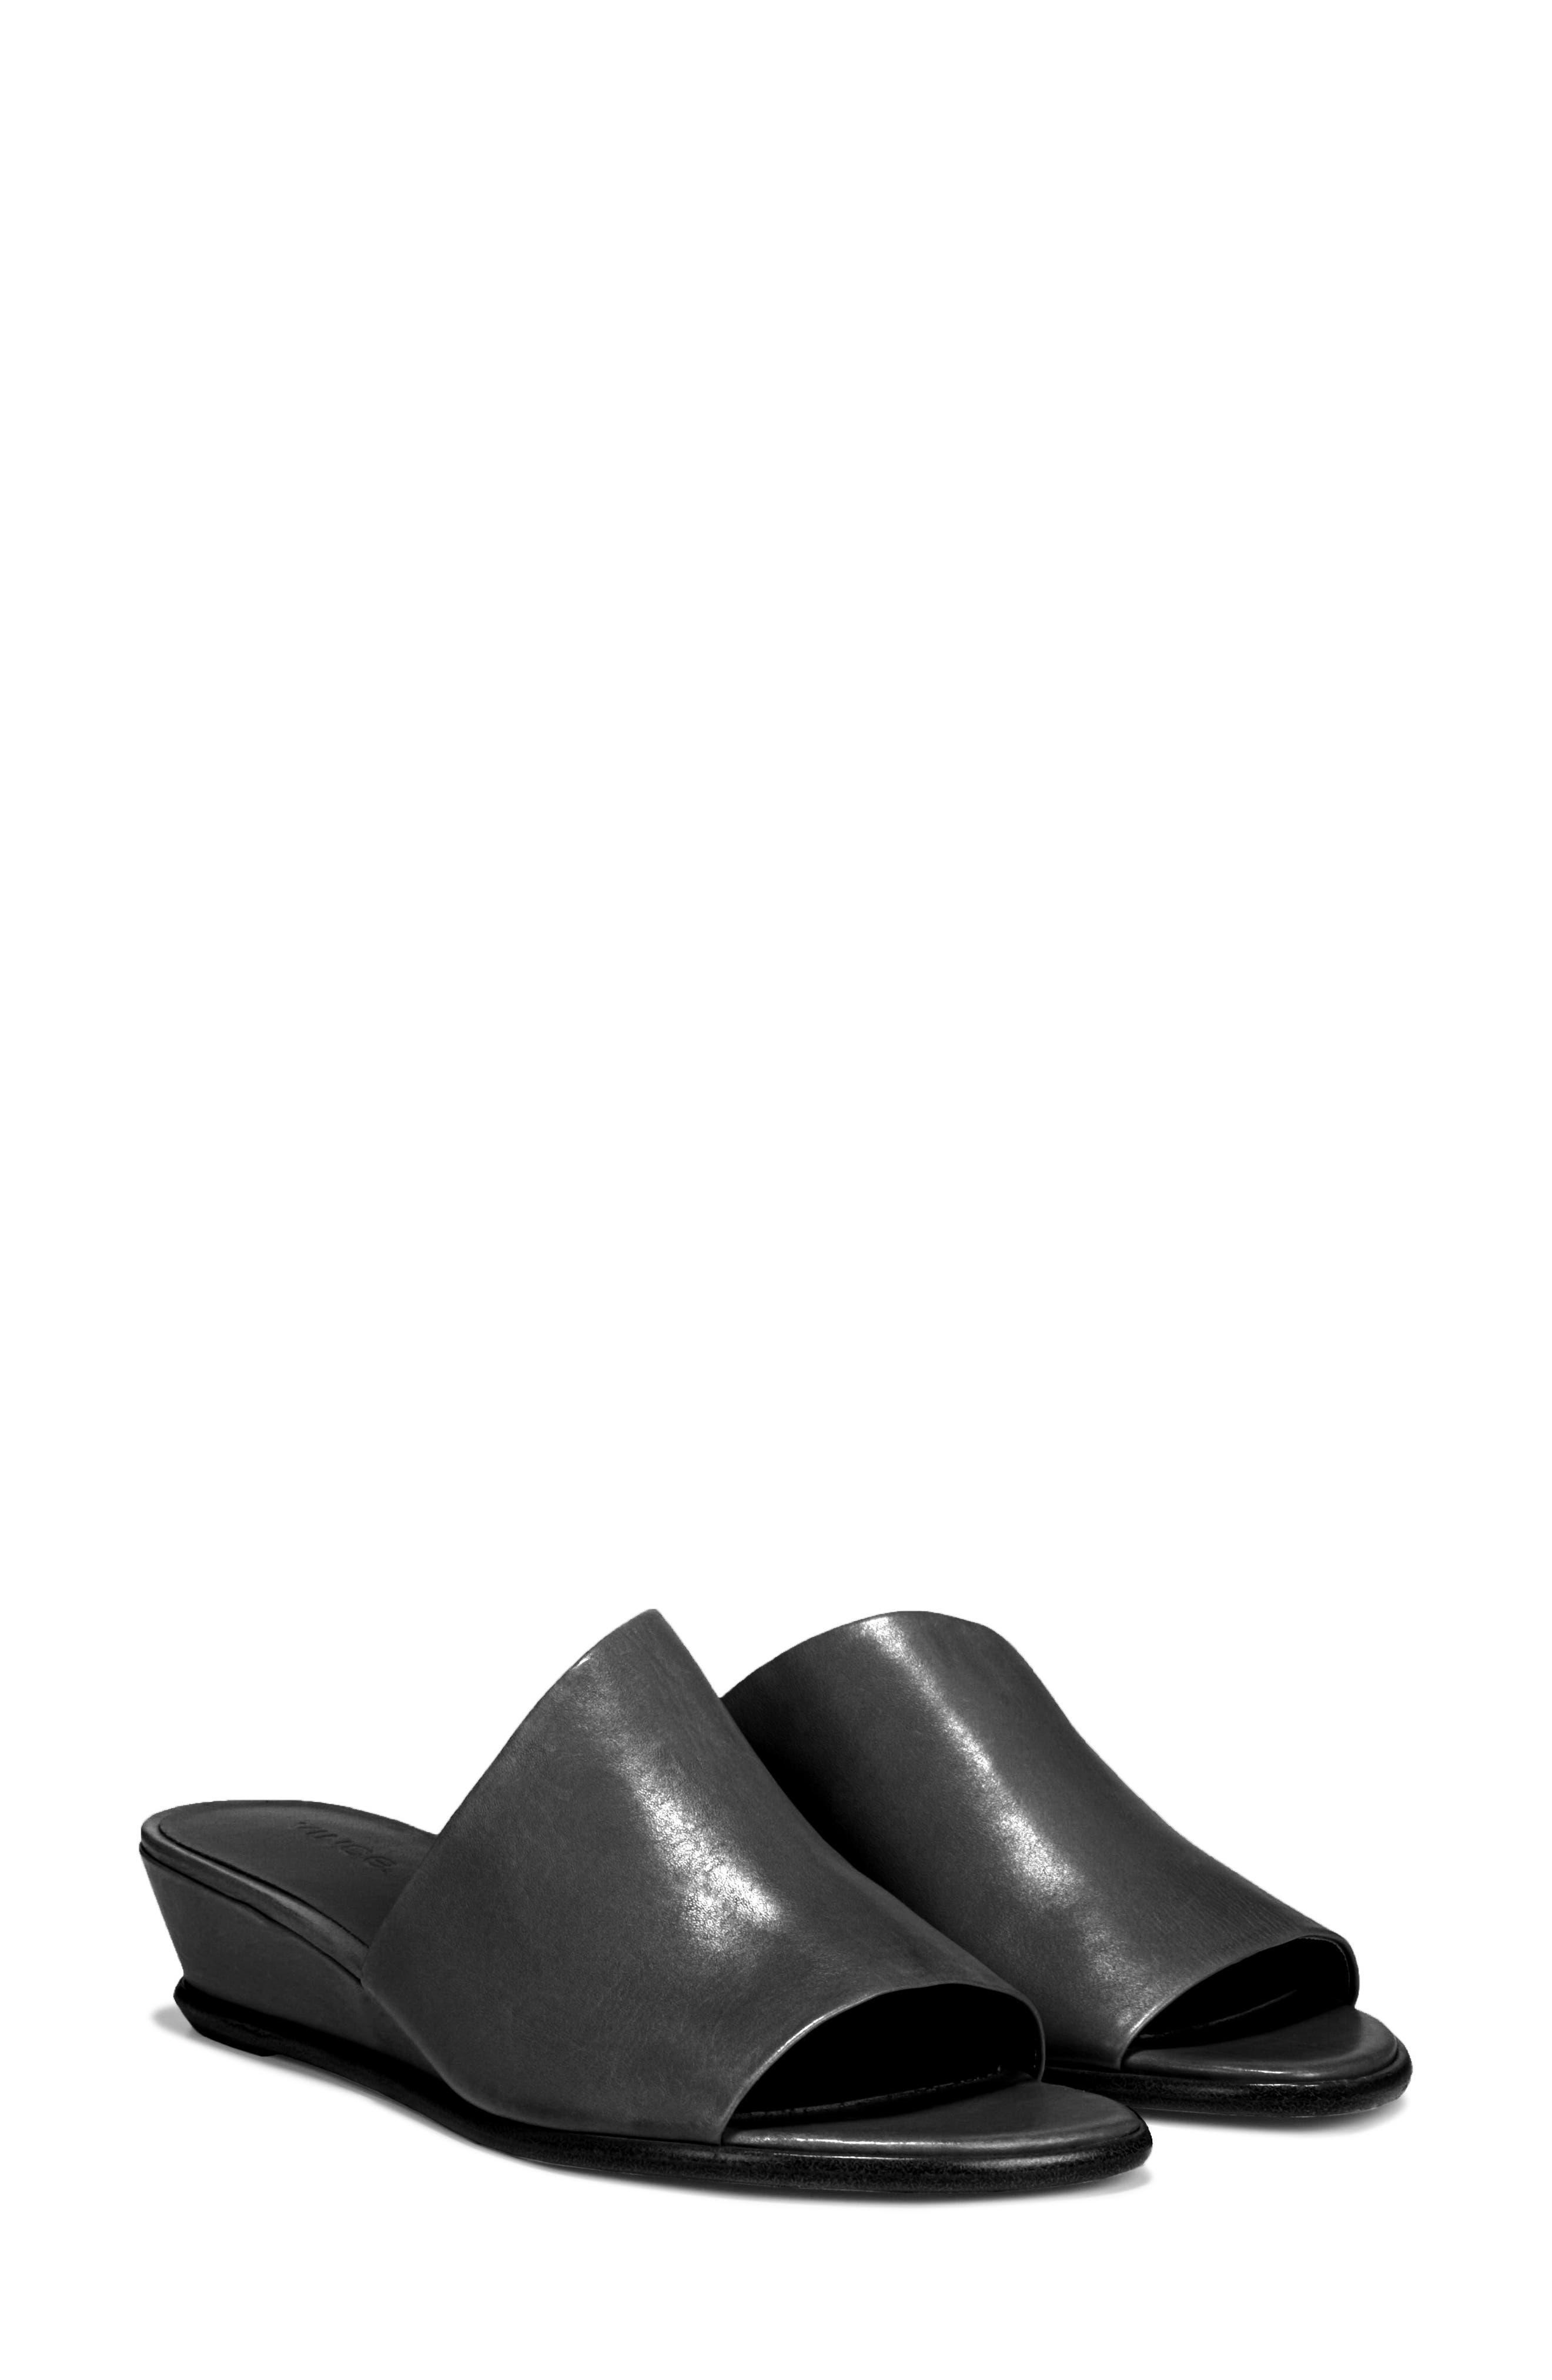 VINCE, Duvall Asymmetrical Wedge Sandal, Alternate thumbnail 8, color, BLACK